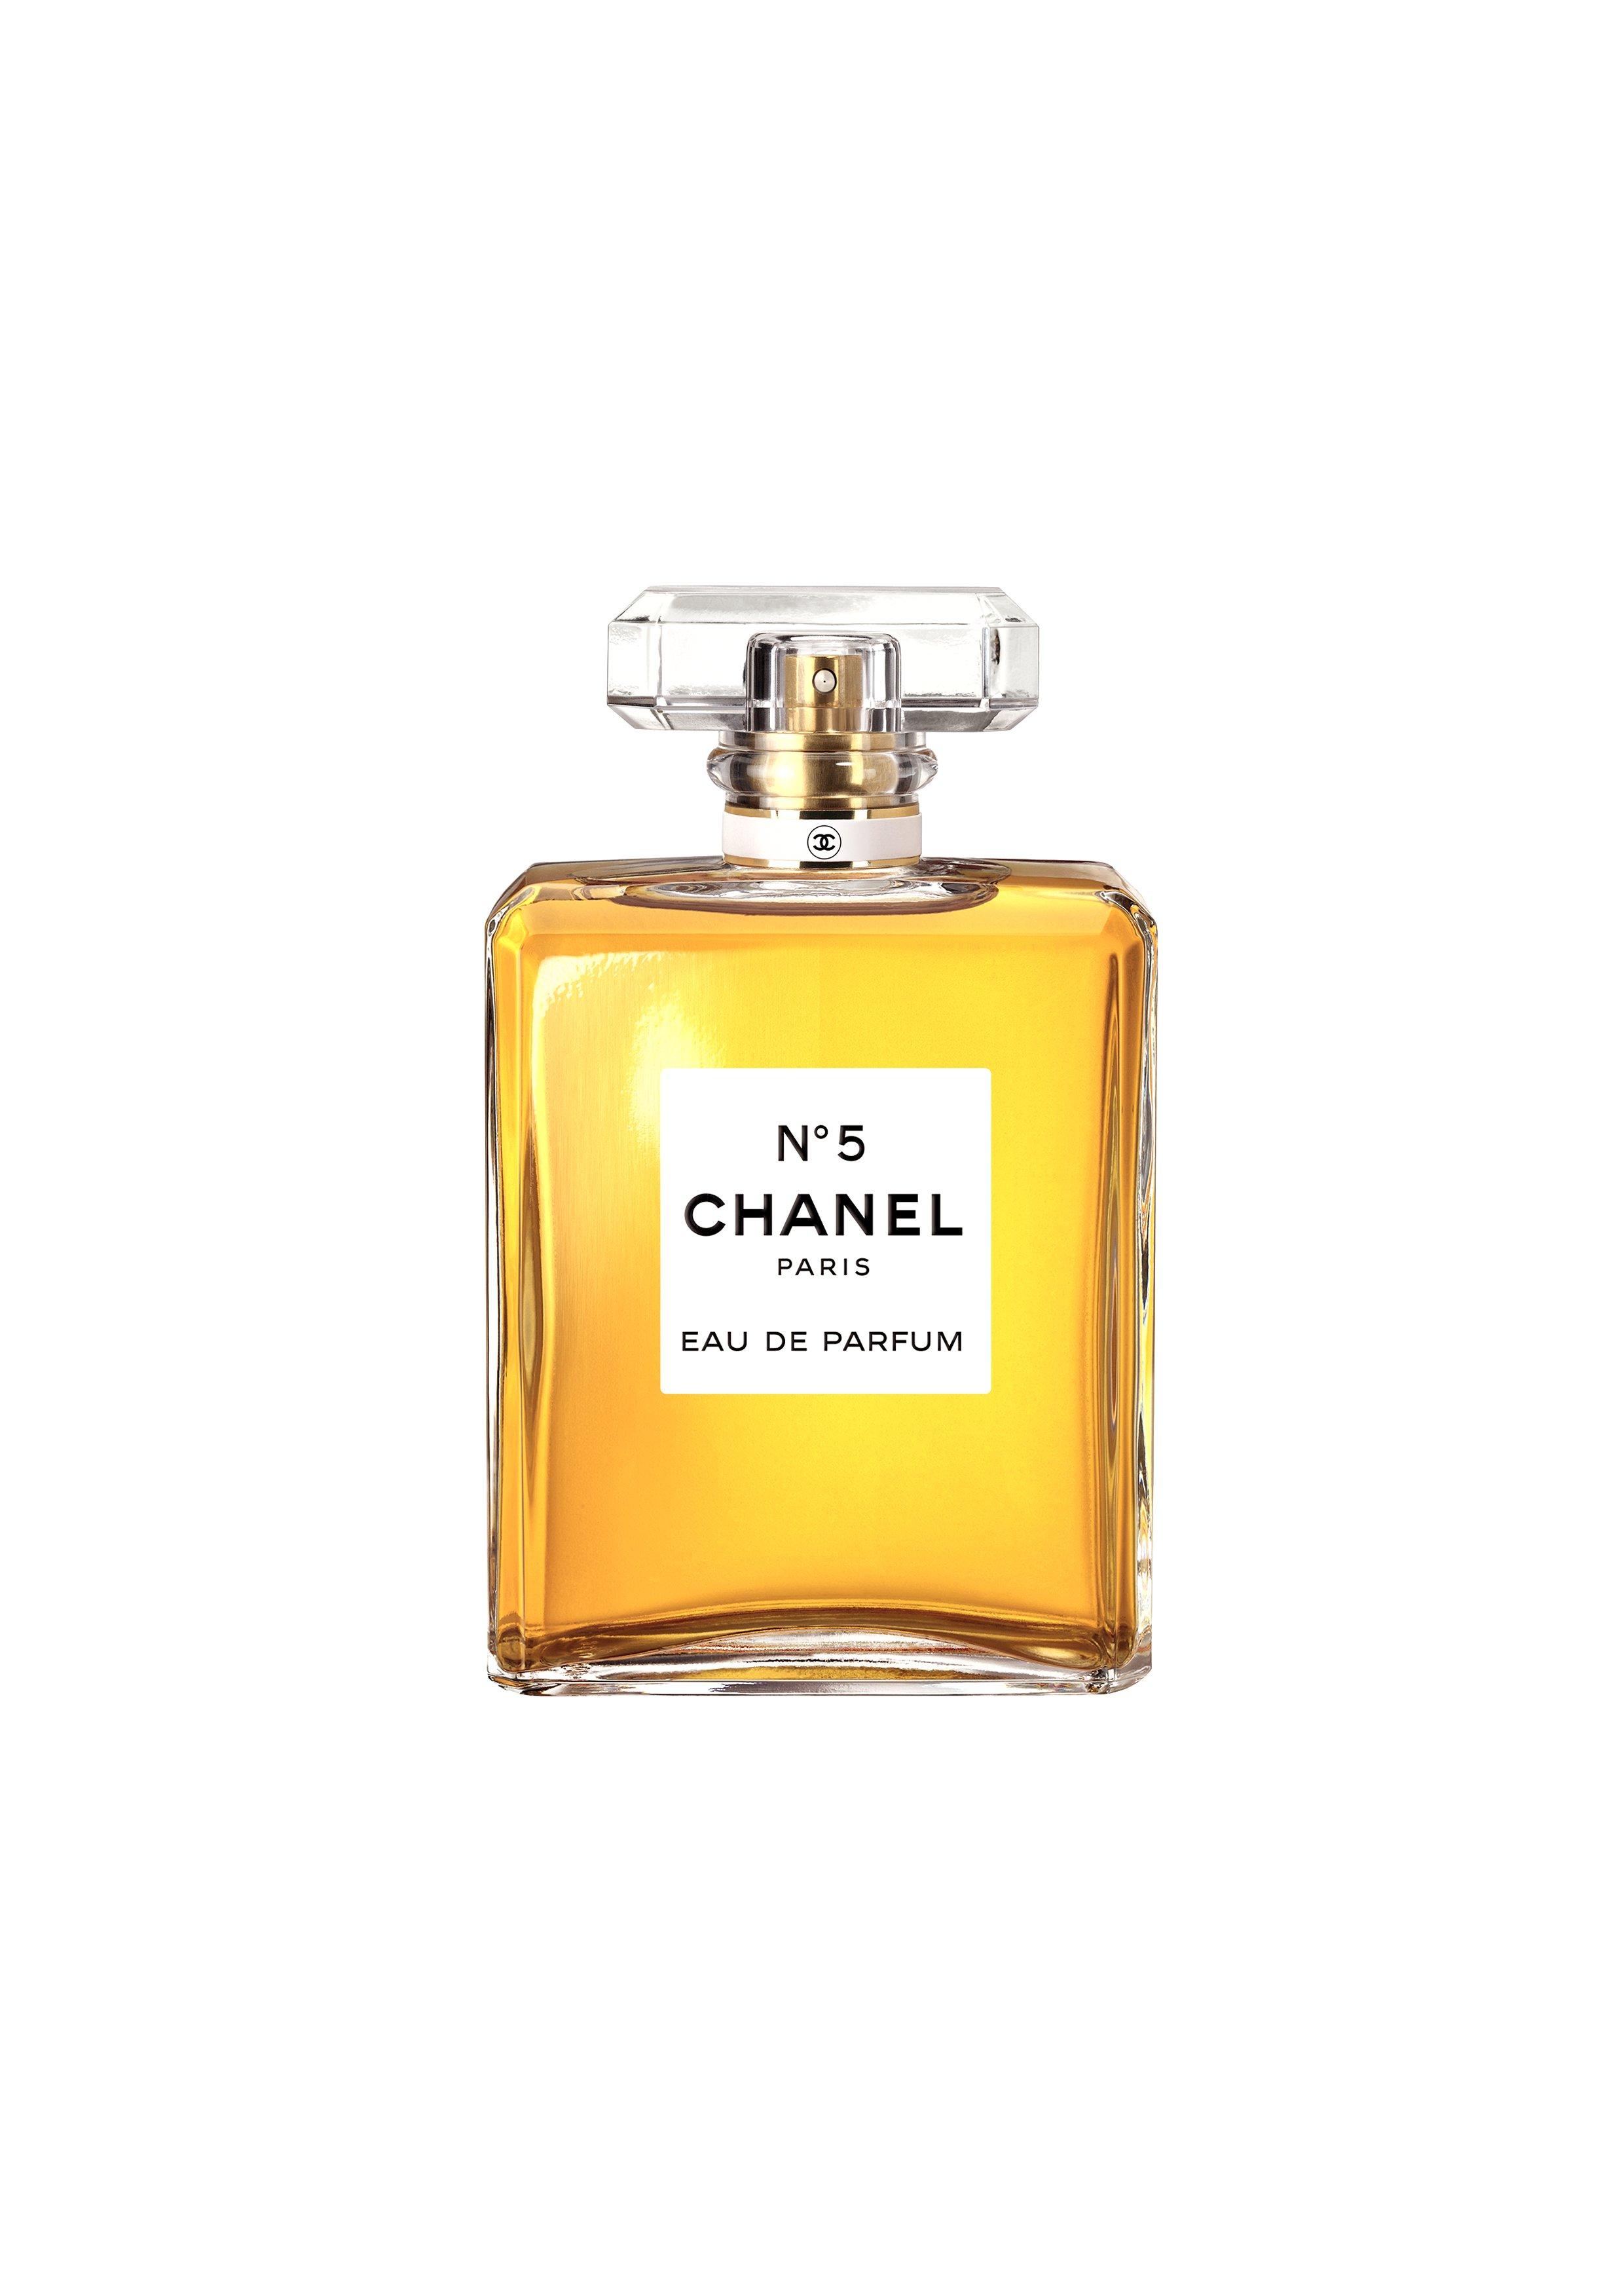 香奈兒 N°5 典藏香水是品牌意義非凡的經典香氛